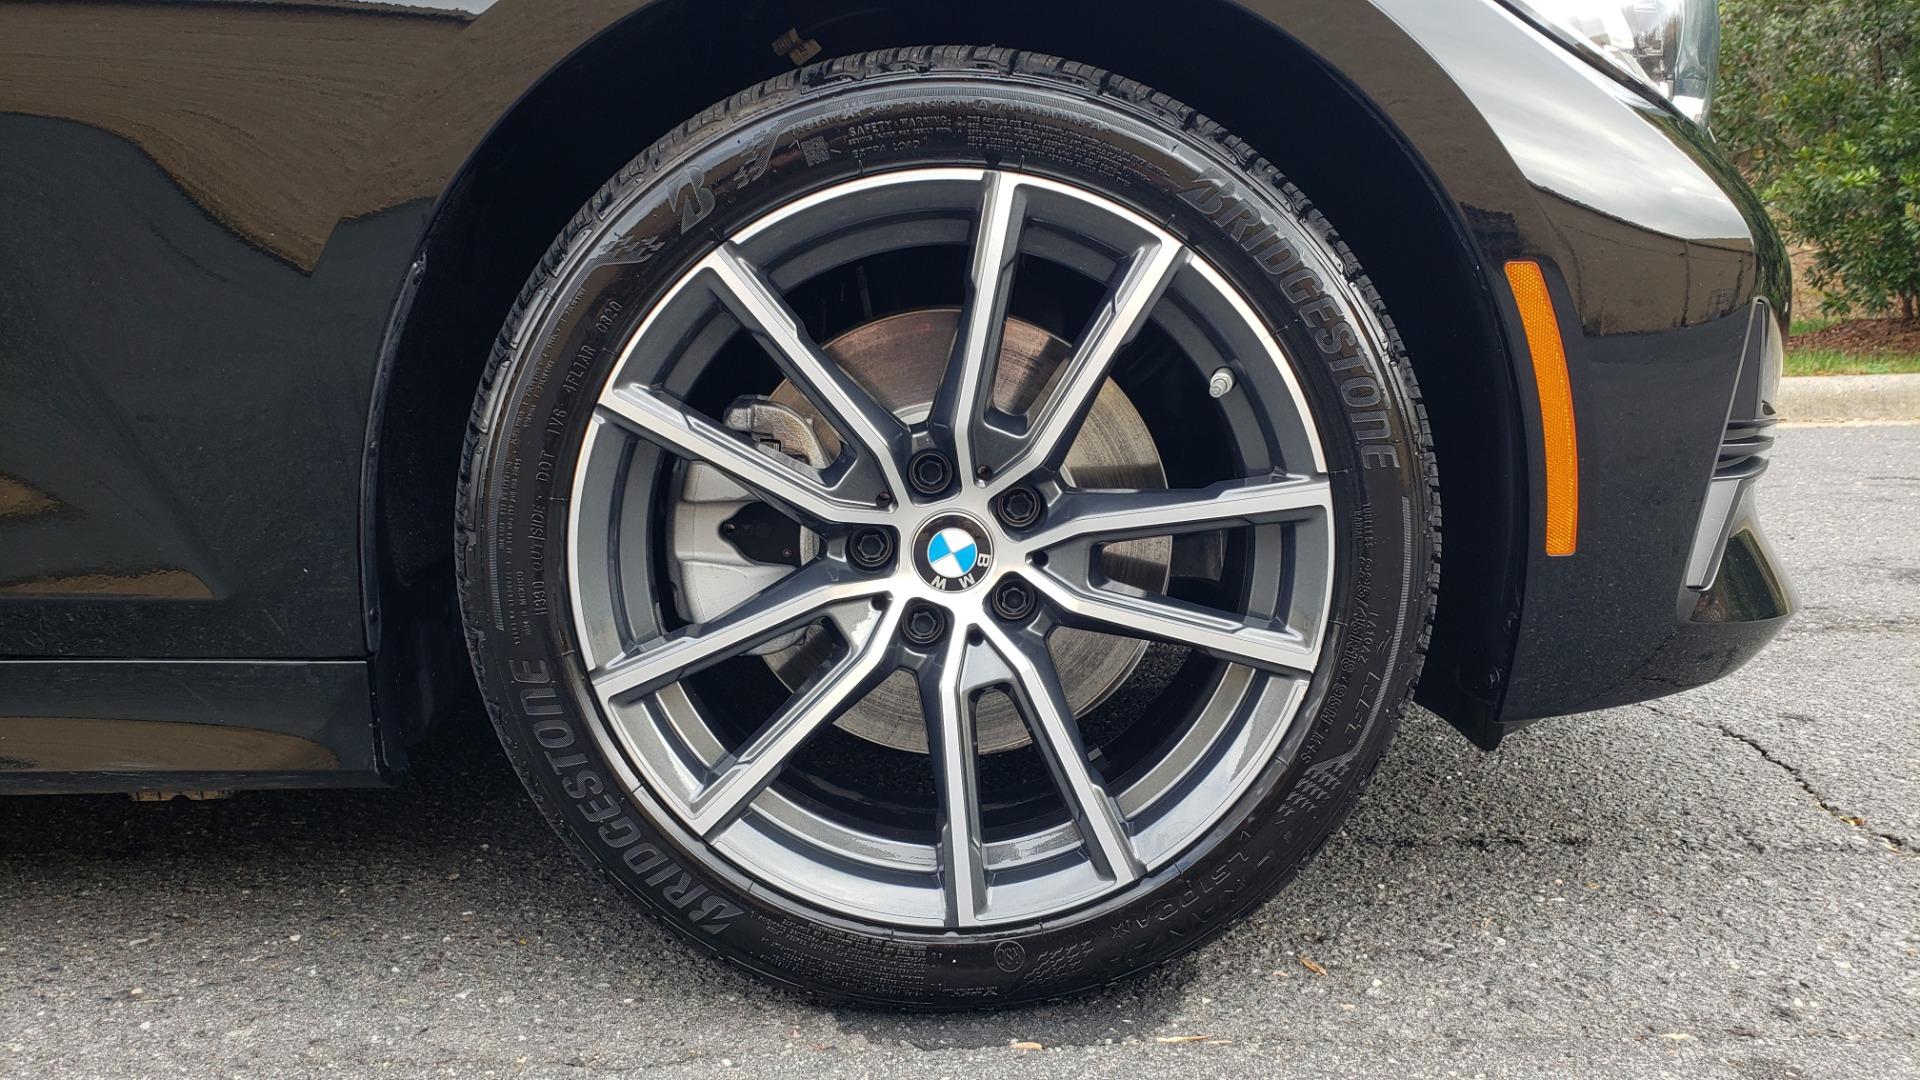 Used 2019 BMW 3 SERIES 330I PREM PKG / NAV / CONV PKG / H&K SND / LIVE COCKPIT PRO for sale Sold at Formula Imports in Charlotte NC 28227 86